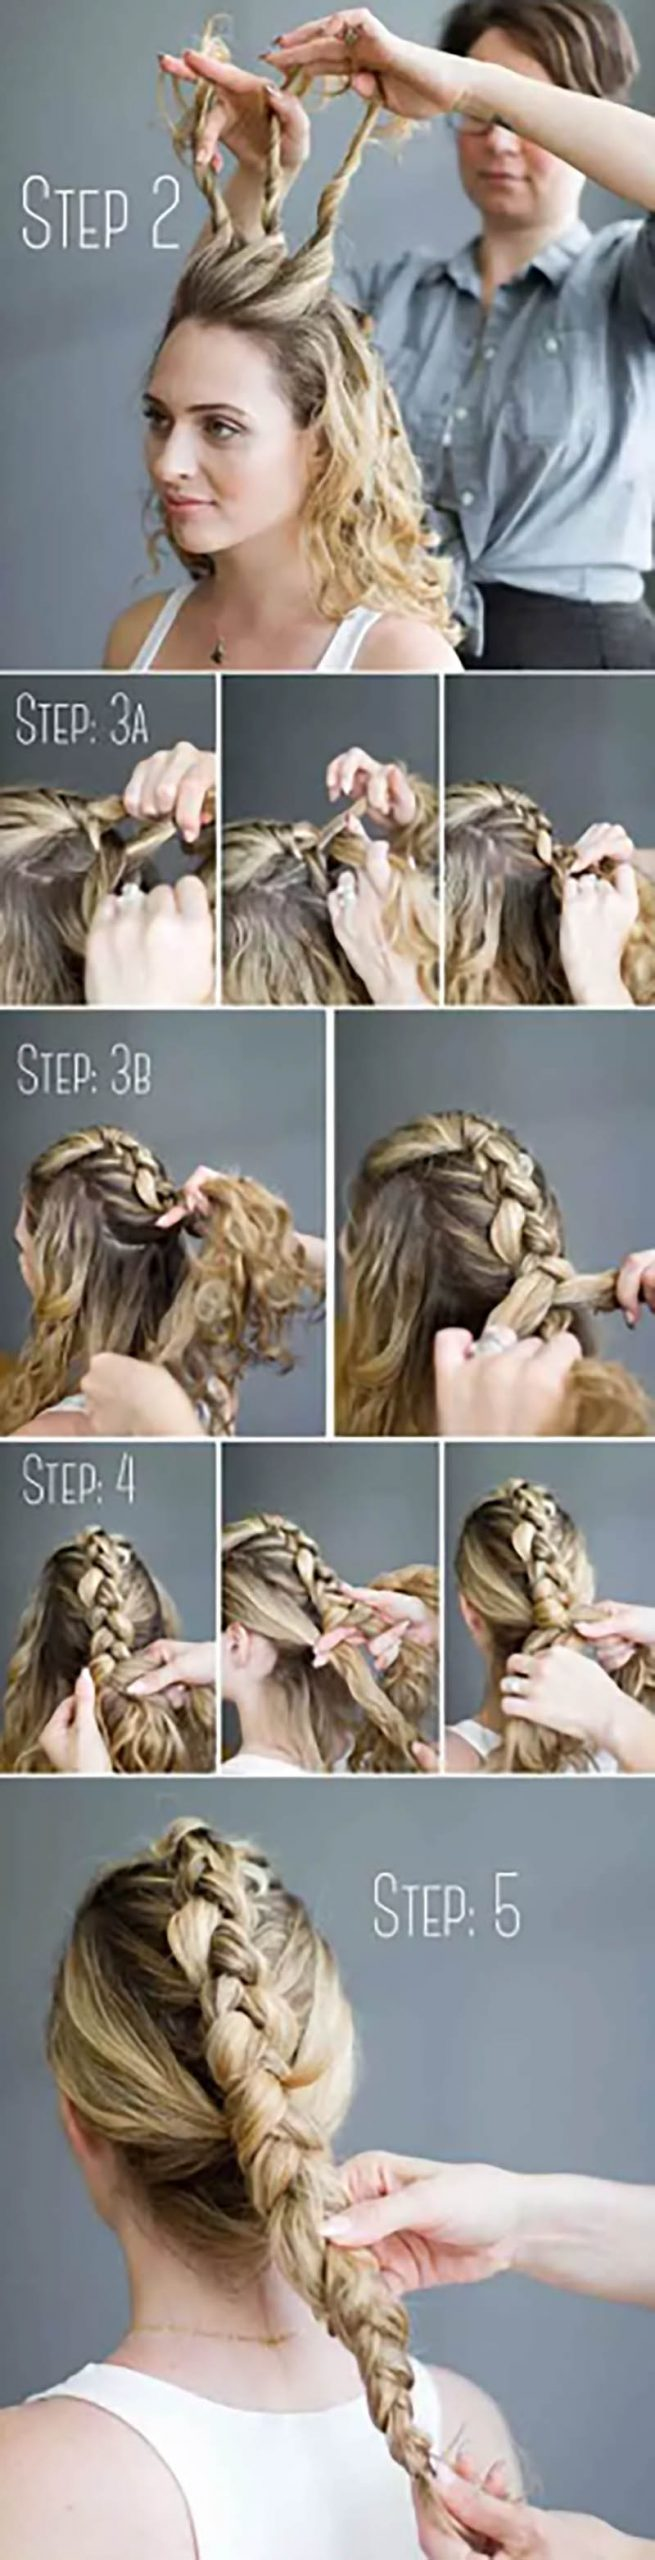 Búi tóc kiểu Mohican và tết kiểu Hà Lan